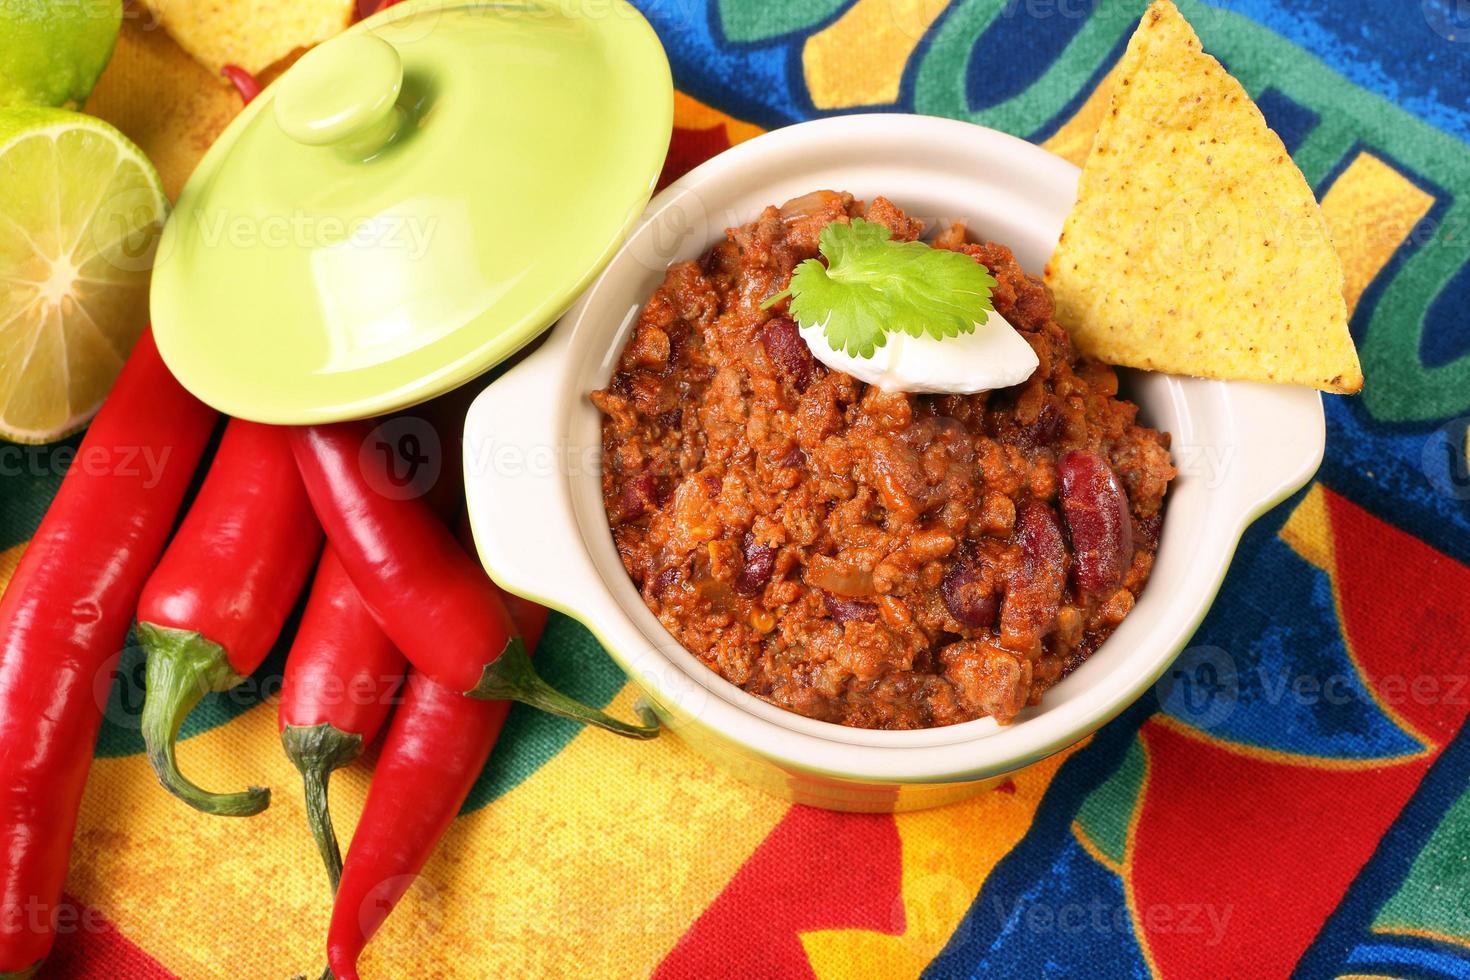 chili con carne e nachos foto